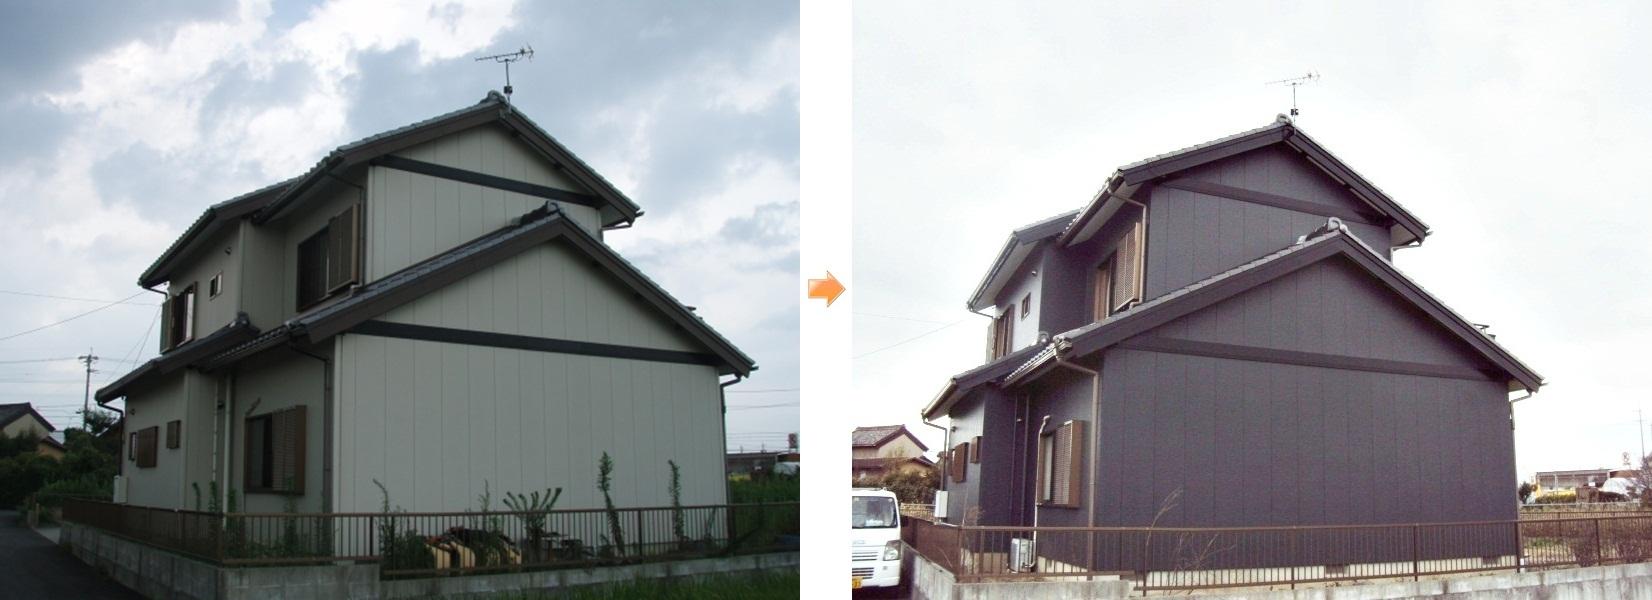 既設のアイボリー色から、濃いグレーへと色を変え、重量感のある落ち着いた建物に塗り替えをしました。